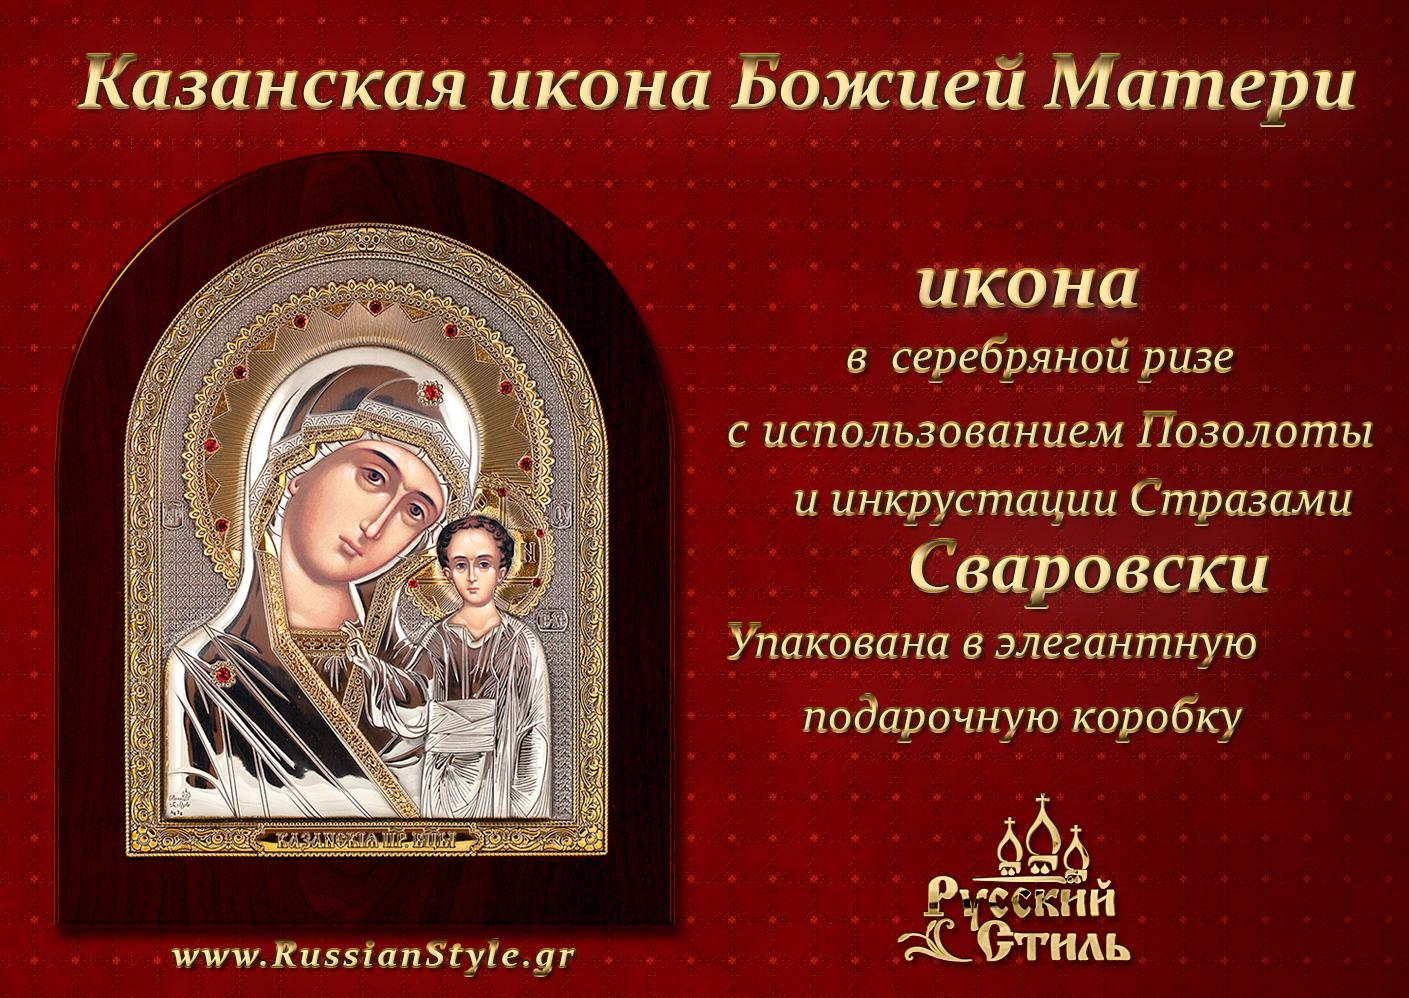 Открытки с иконой казанской божией матерью